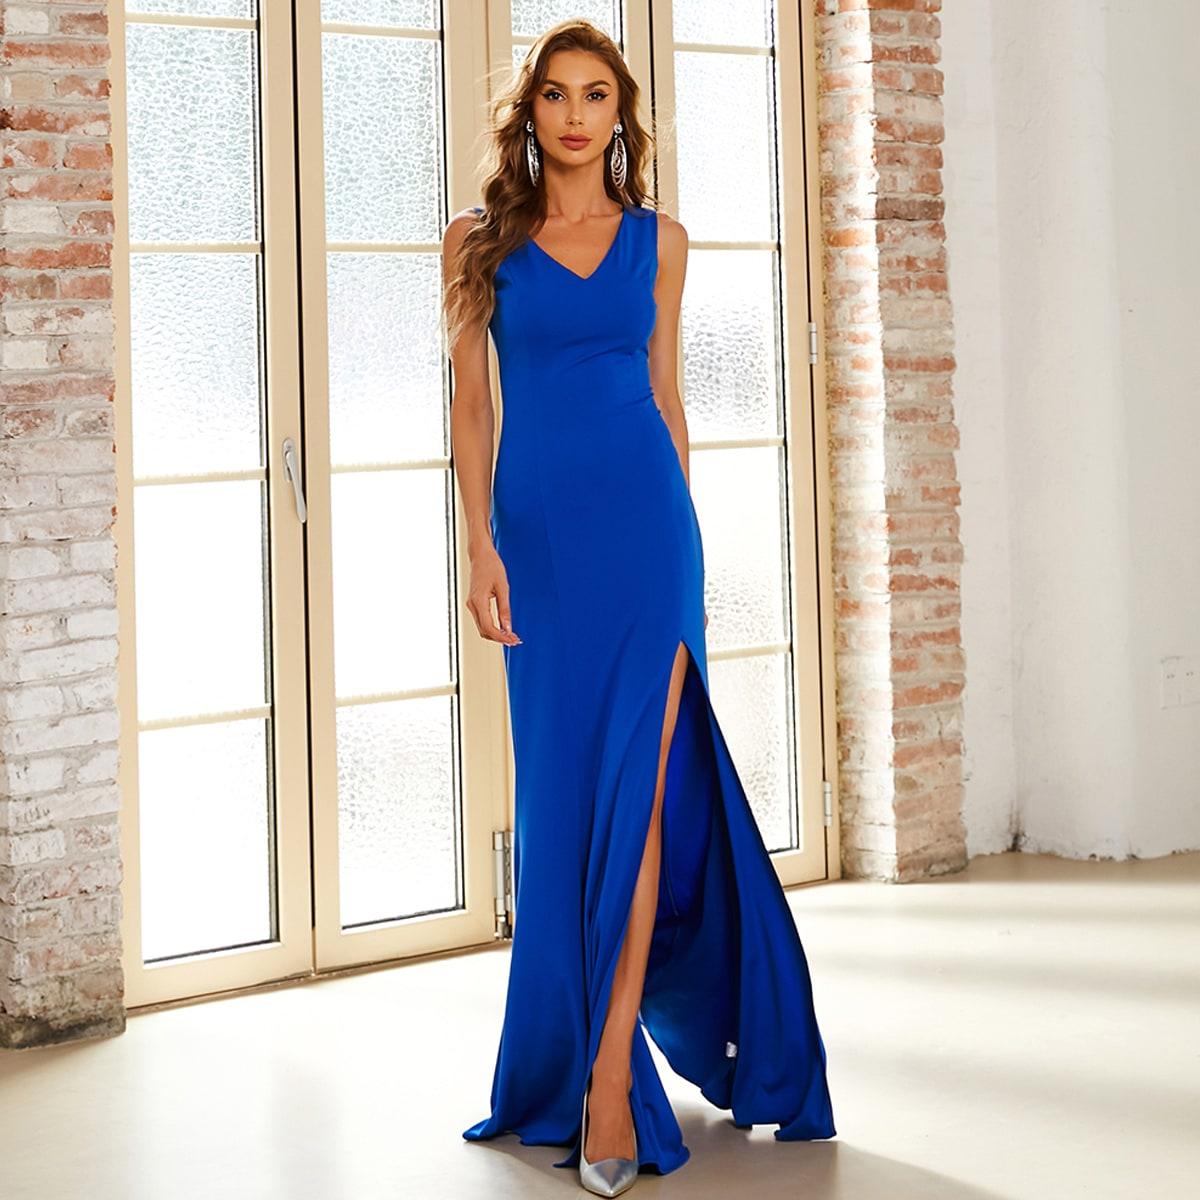 двойной Выпускное платье с v-образным вырезом высоким разрезом от SHEIN